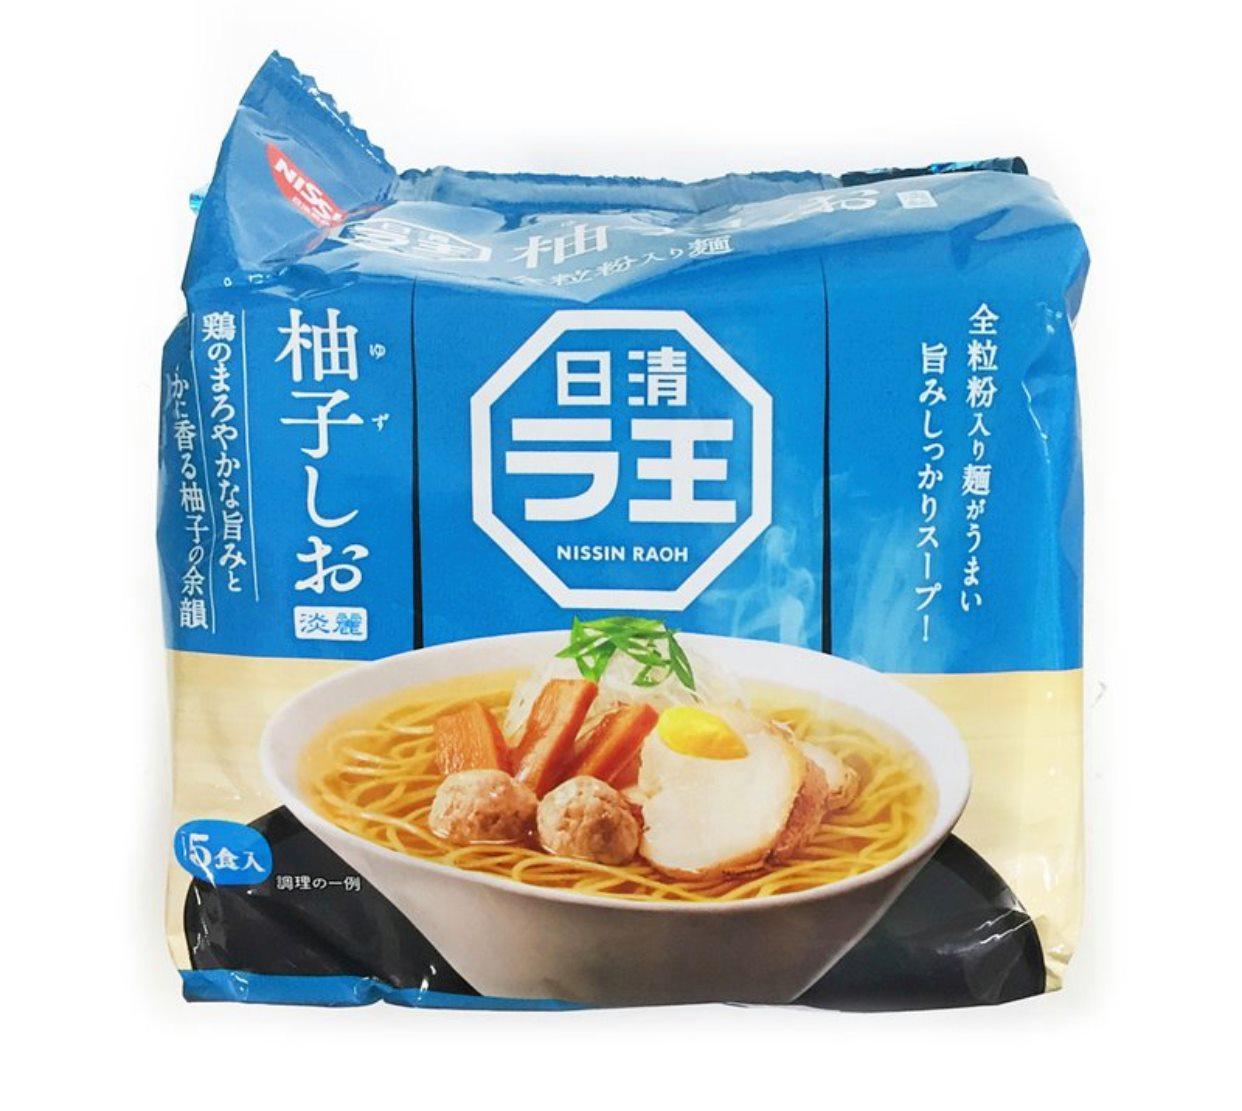 日清NISSIN 拉王柚子鹽味拉麵 5袋入